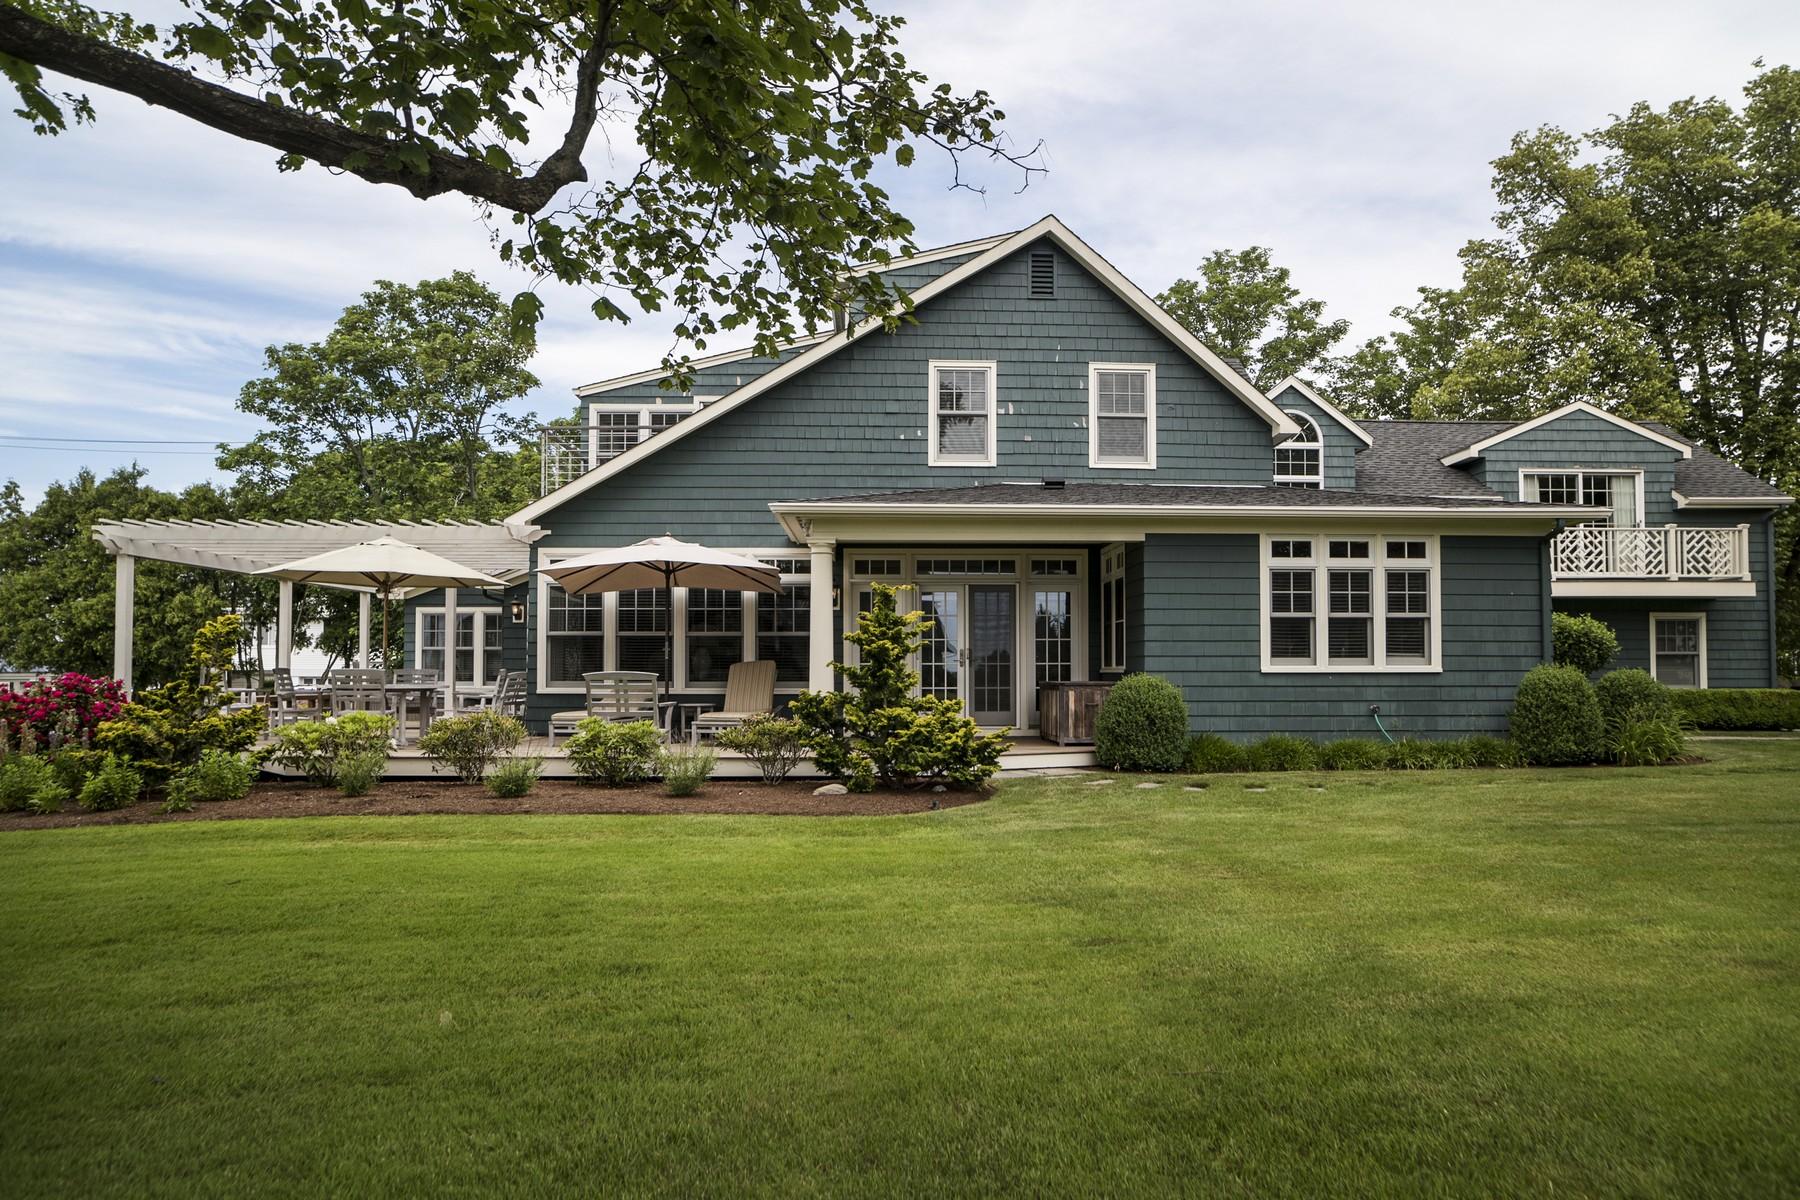 Maison unifamiliale pour l Vente à Hart Point in Indian Town Beach District 8 Red Bird Trl Old Saybrook, Connecticut, 06475 États-Unis